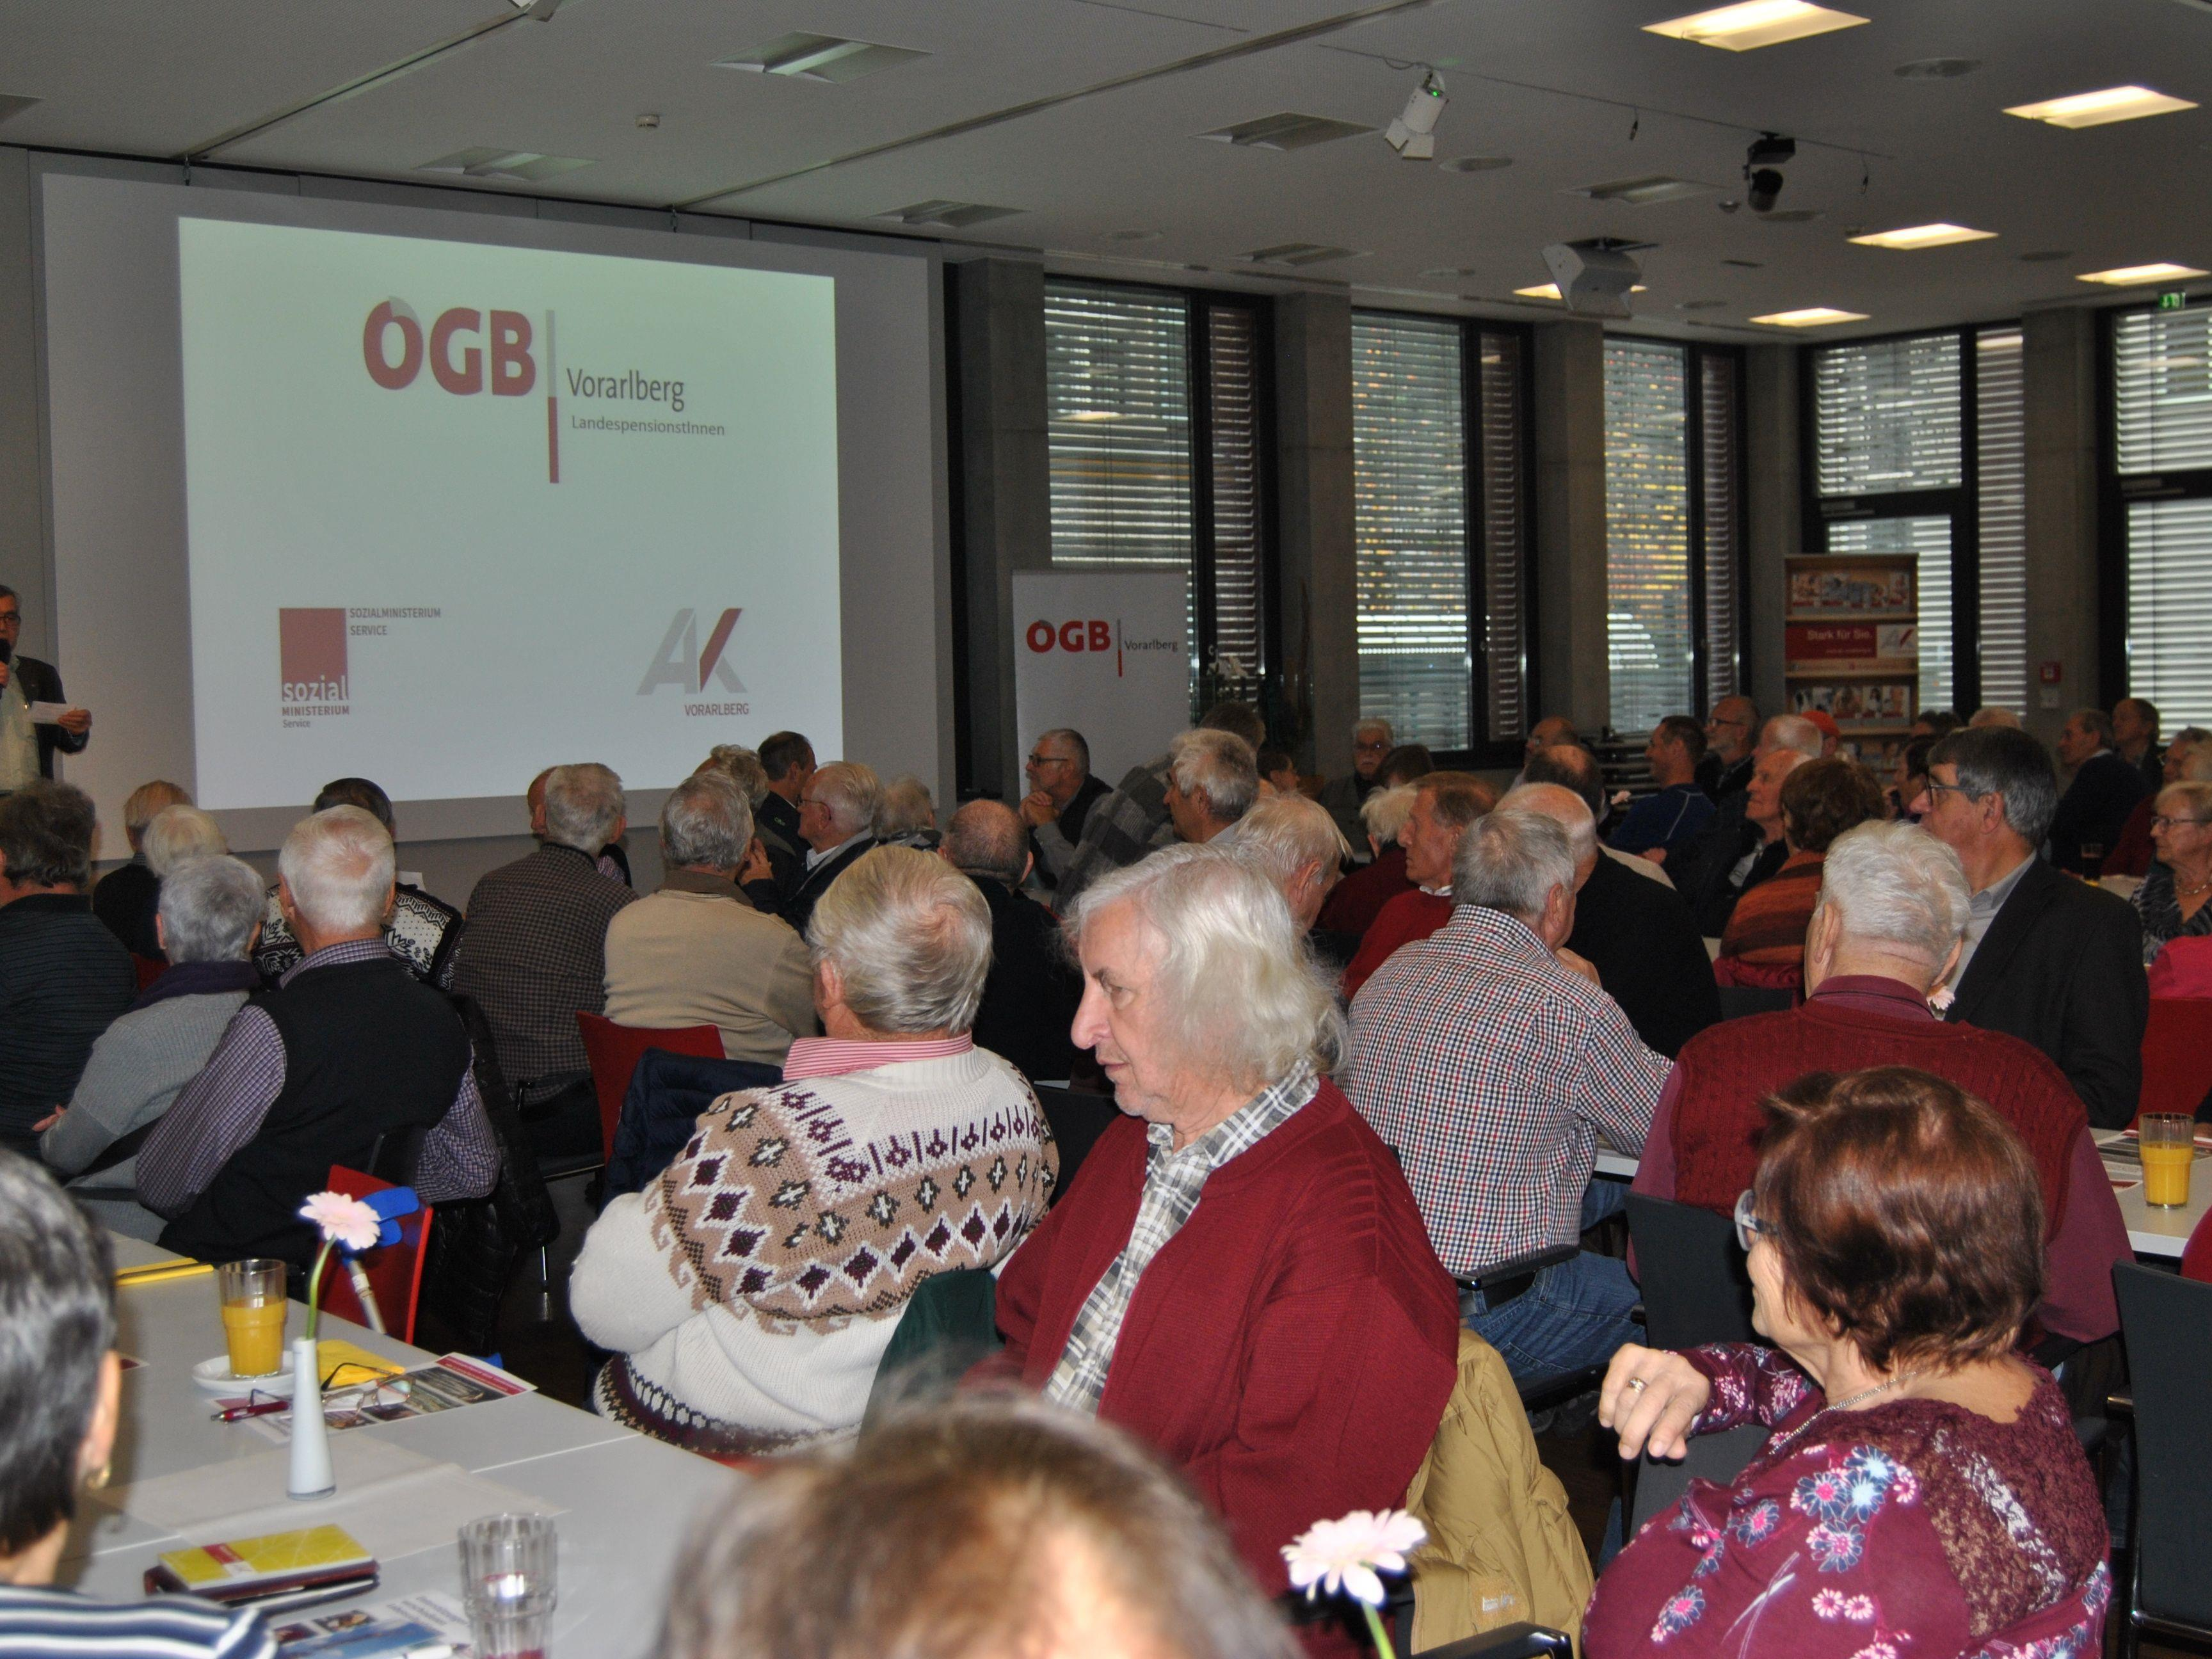 Voller Saal bei der ÖGB-Vorarlberg Infoveranstaltung